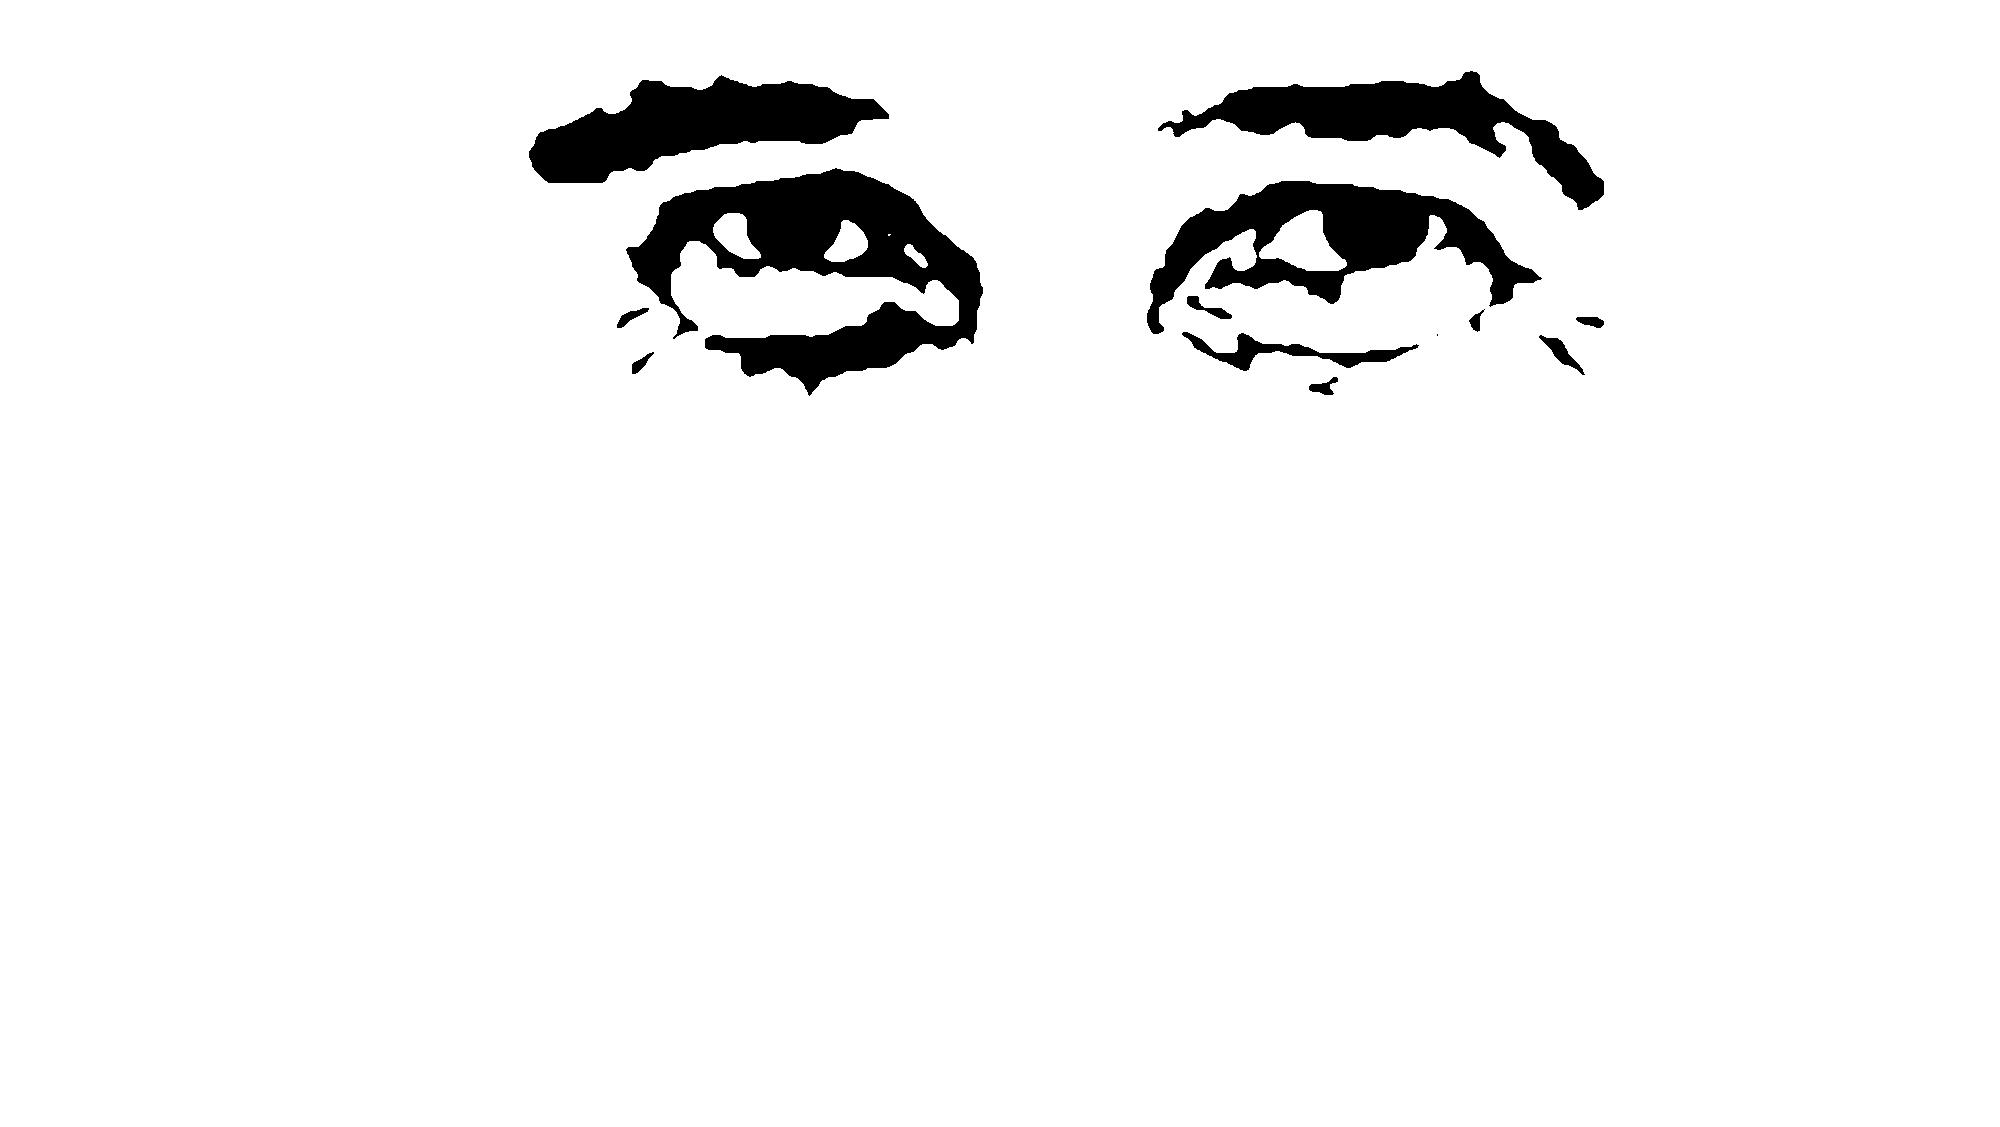 visual-language/img/animation/back/illich-eyes.png